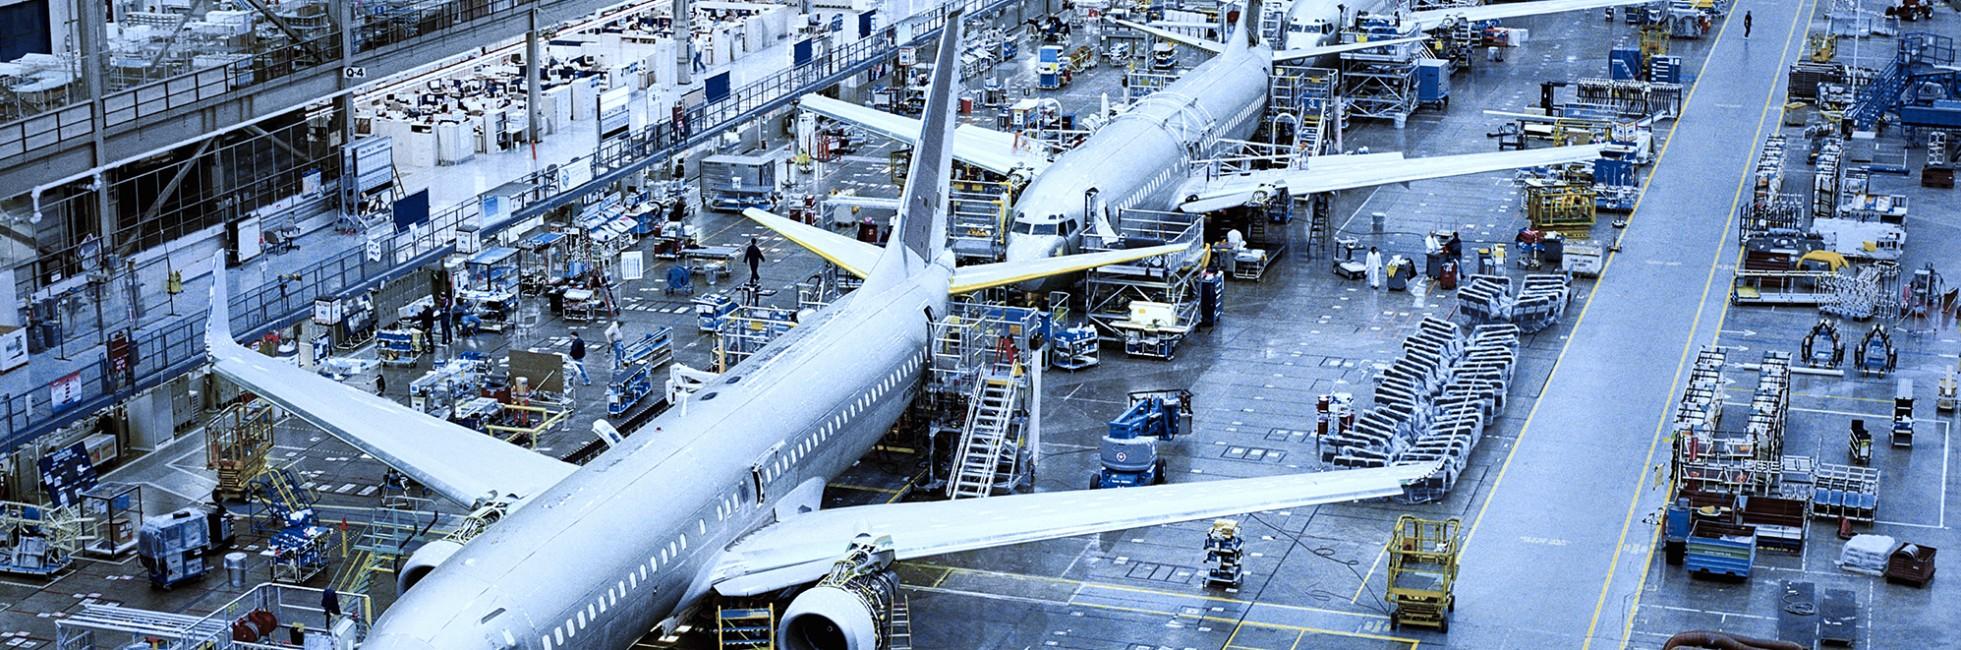 Vliegtuigindustrie